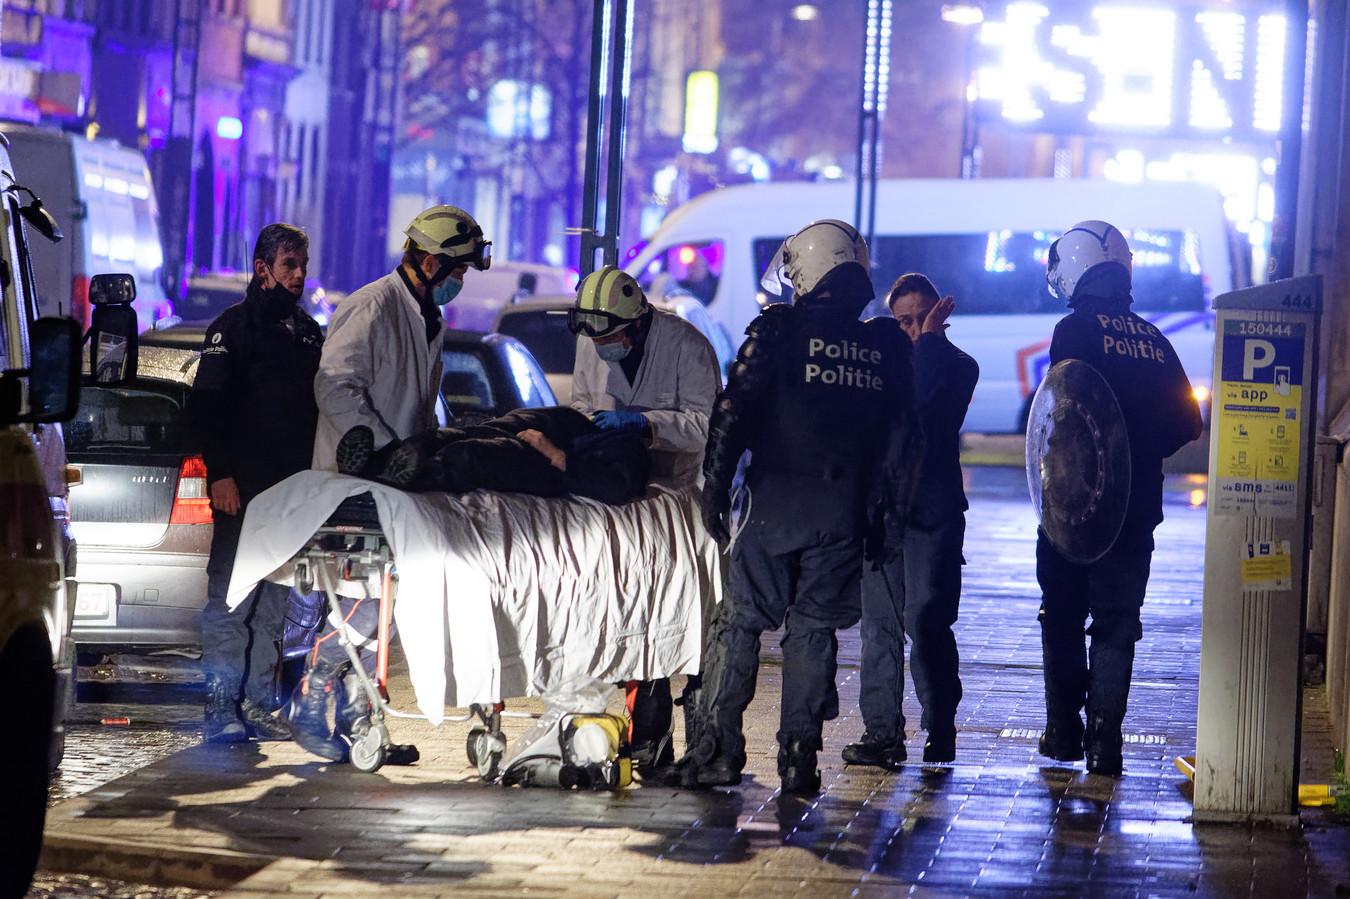 Une policière avait été violemment attaquée par des émeutiers après la manifestation en hommage au jeune Ibrahima, décédé après son interpellation par la police quelques jours plus tôt.